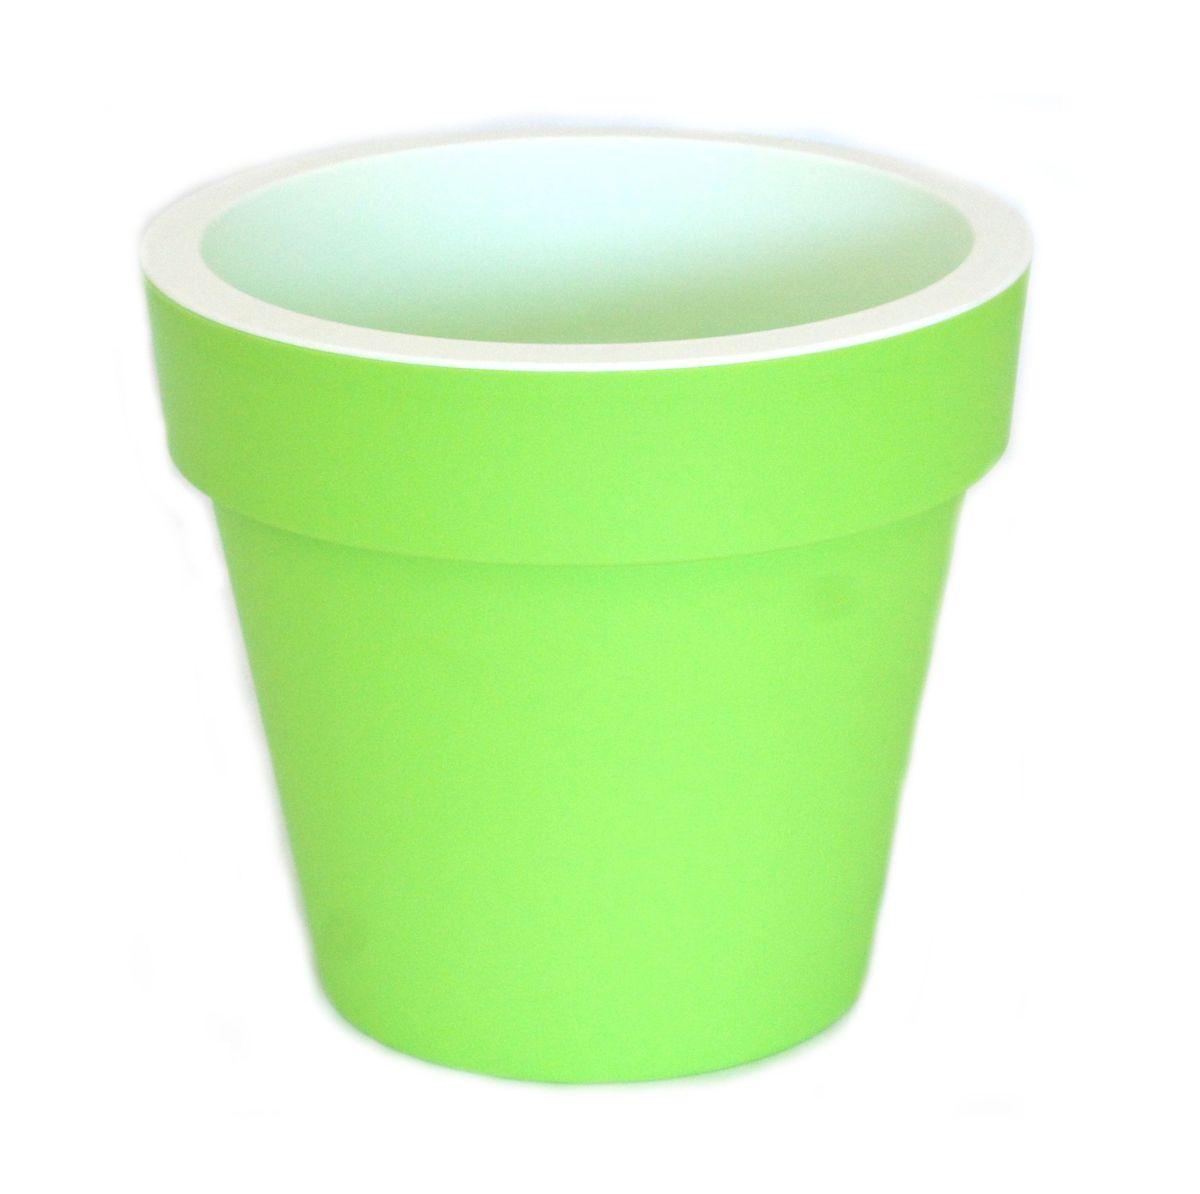 Кашпо JetPlast Порто, со вставкой, цвет: фисташковый, 6 л4612754050970Кашпо Порто классической формы с внутренней вставкой-горшком. Дренажная вставка позволяет легко поливать растения без использования дополнительного поддона. Вместительный объем кашпо позволяет высаживать самые разнообразные растения, а съемная вставка избавит вас от грязи и подчеркнет красоту цветка. Оно изготовлено из прочного полипропилена (пластика). Такое кашпо порадует вас функциональностью, а благодаря лаконичному дизайну впишется в любой интерьер помещения. Объем кашпо: 6 л.